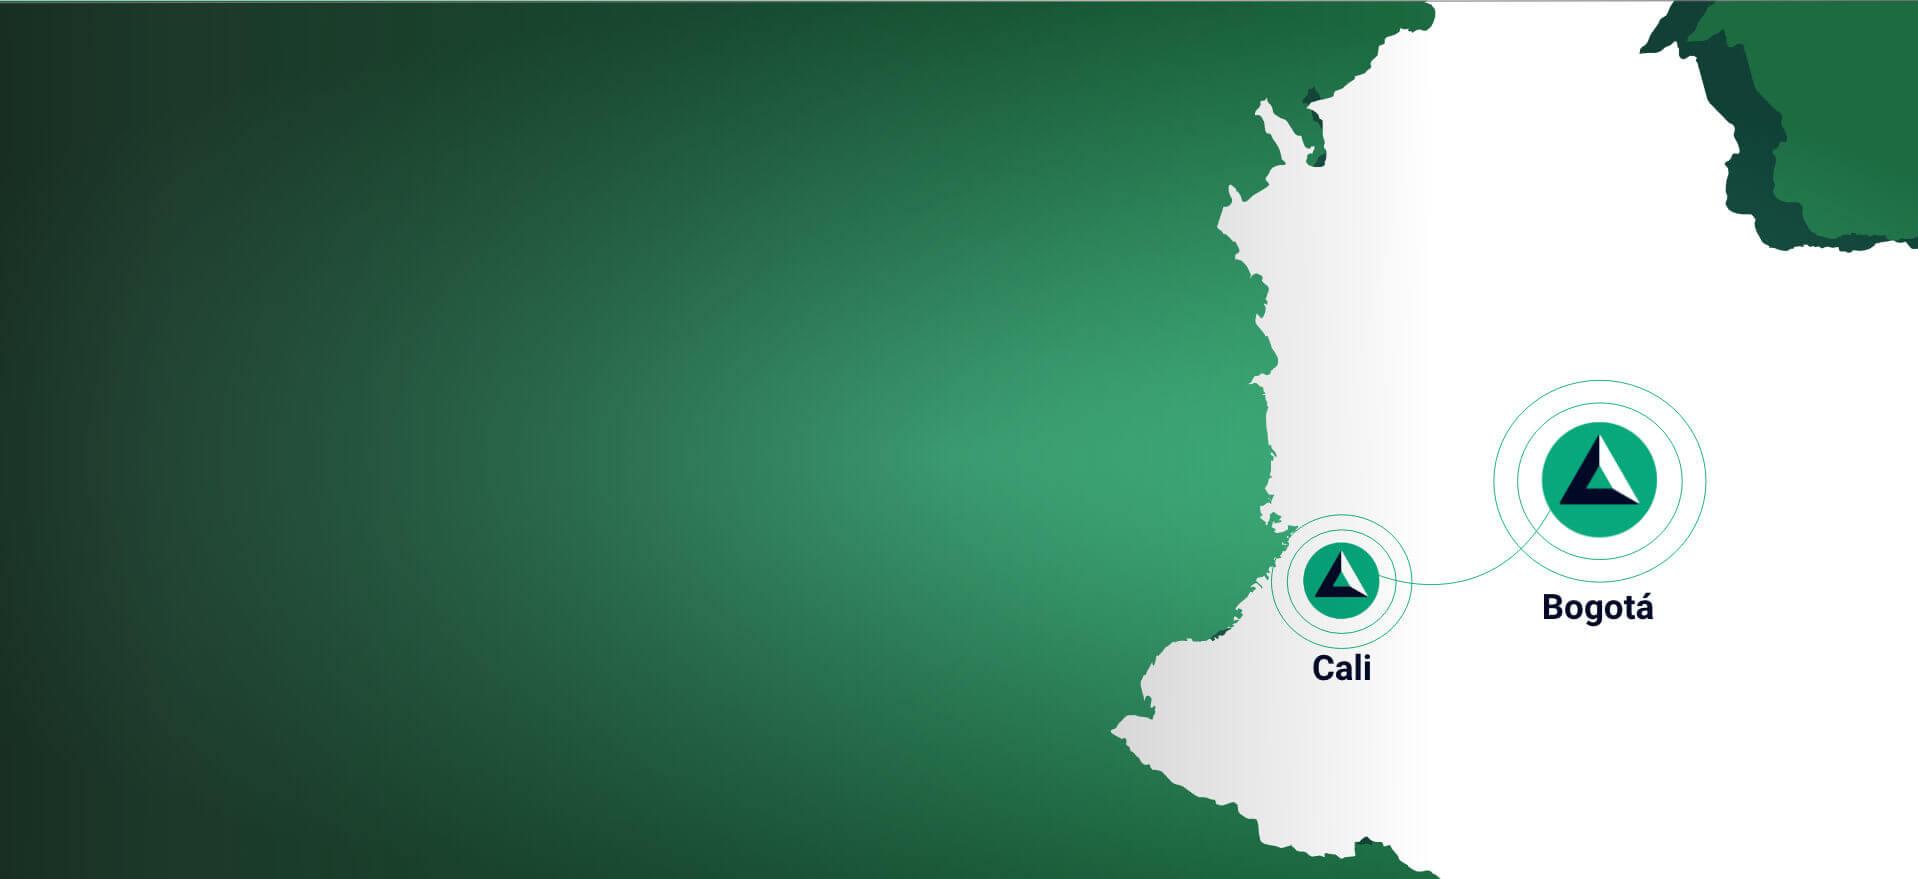 Mapa de Colombia con las ciudades Bogotá y Cali de forma Autolab